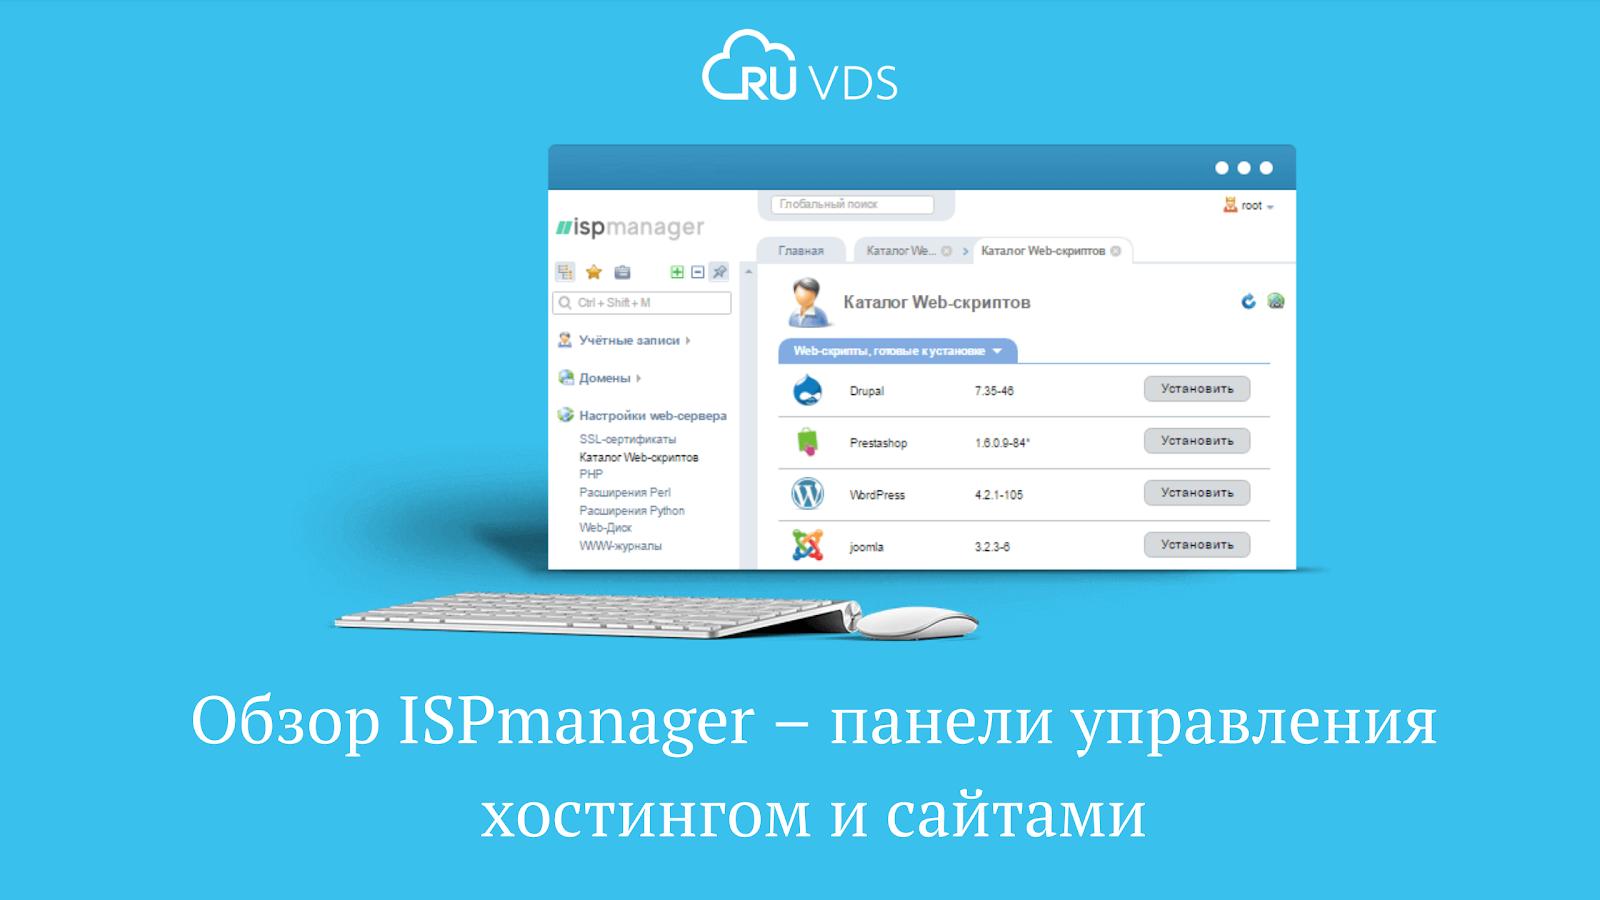 Обзор ISPmanager – панели управления хостингом и сайтами - 1